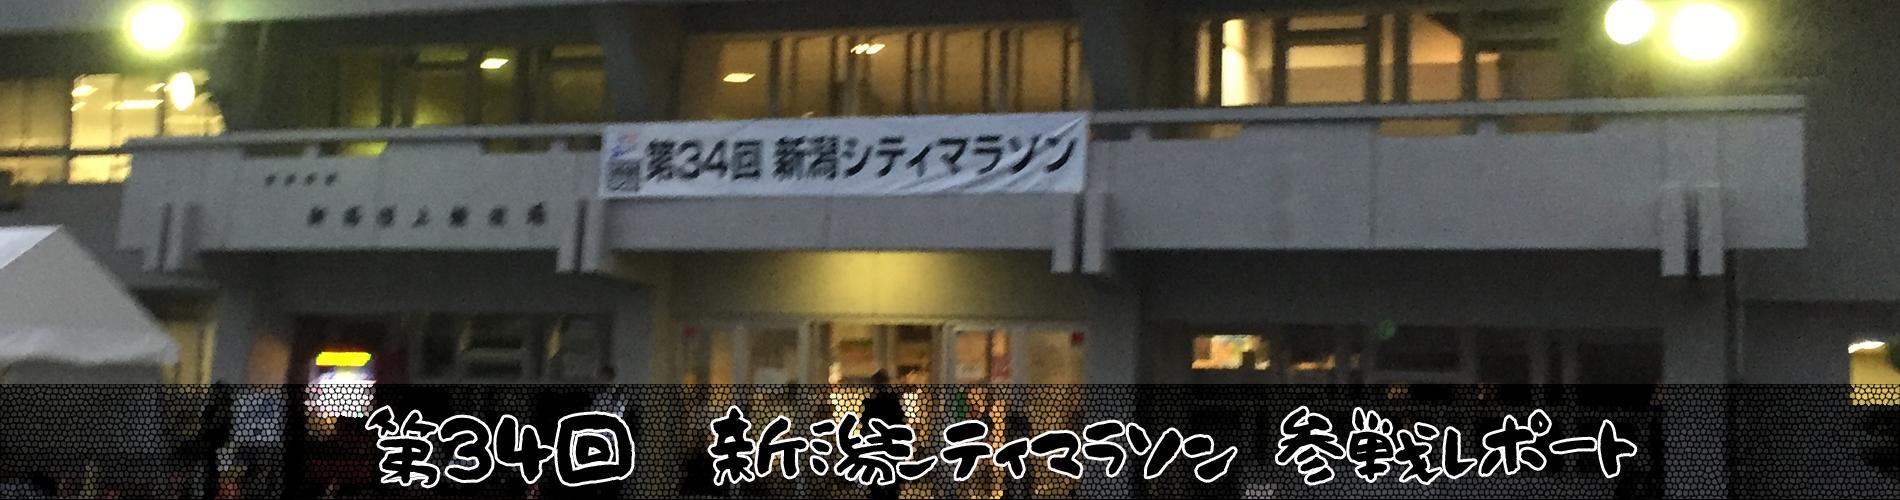 新潟シティマラソン 2016